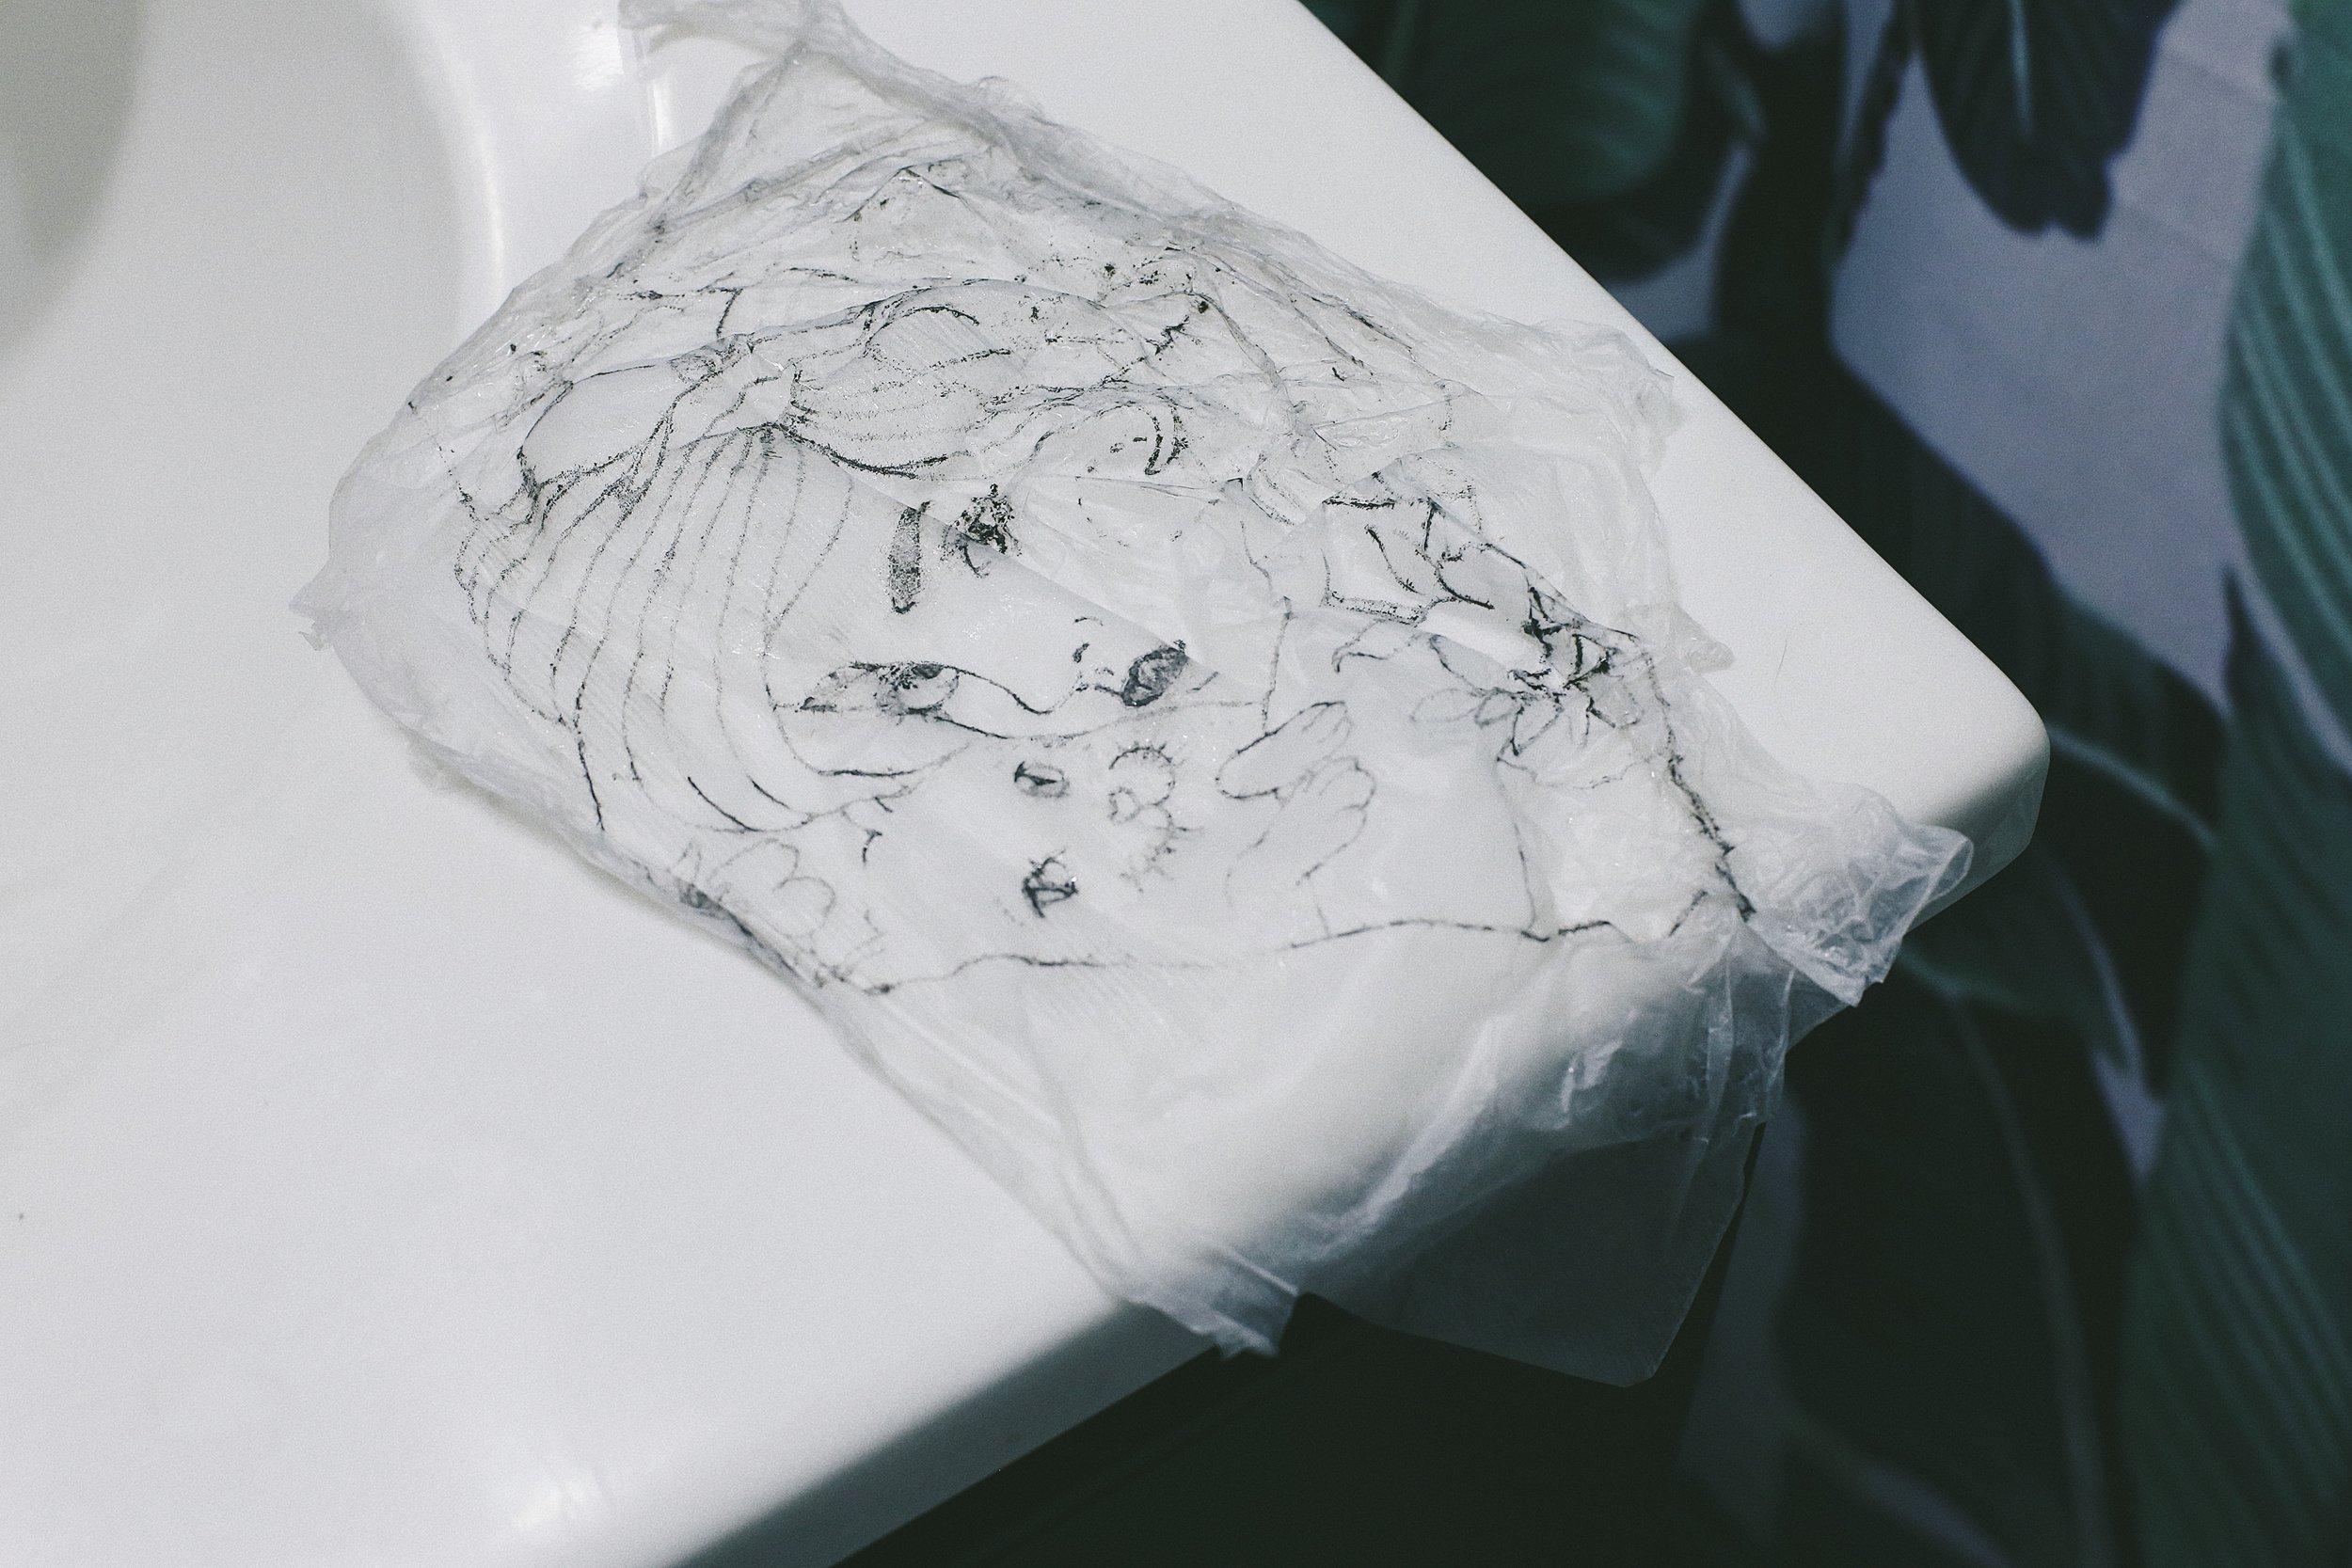 YB_CAT TATTOO 15.JPG